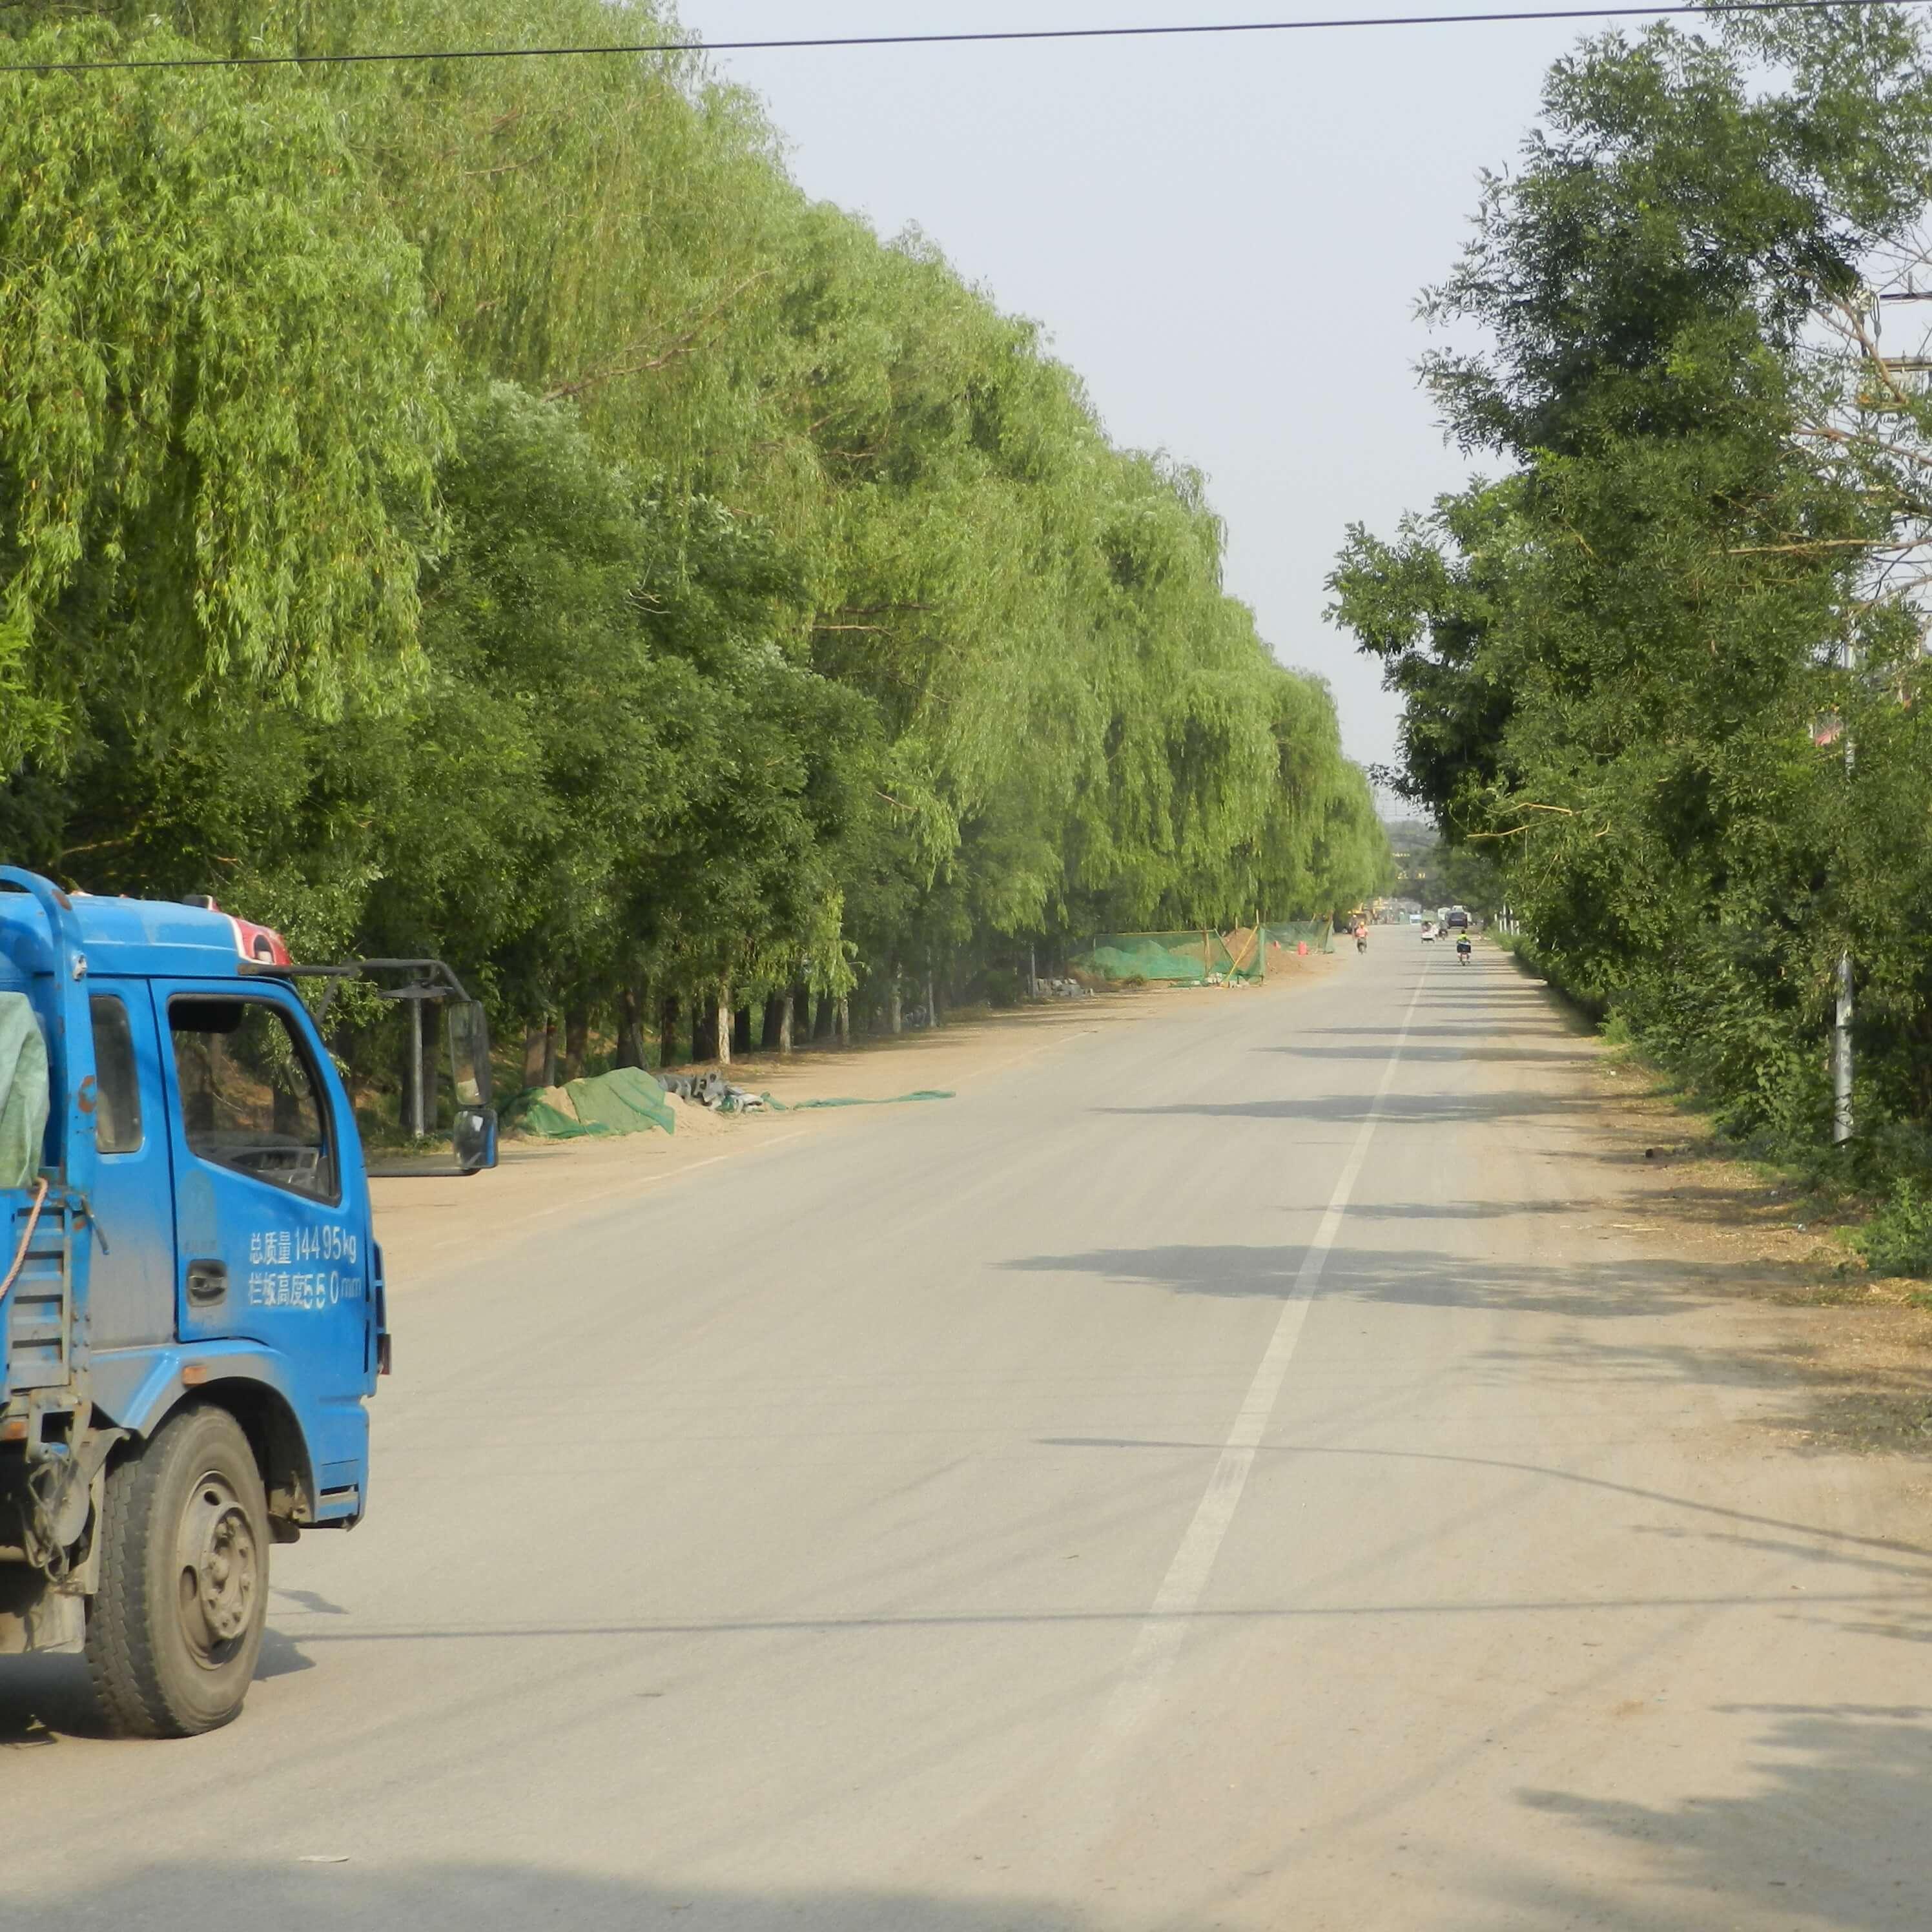 懐かしさも新鮮さも消えゆく・・写真に見る中国の農村・北京郊外